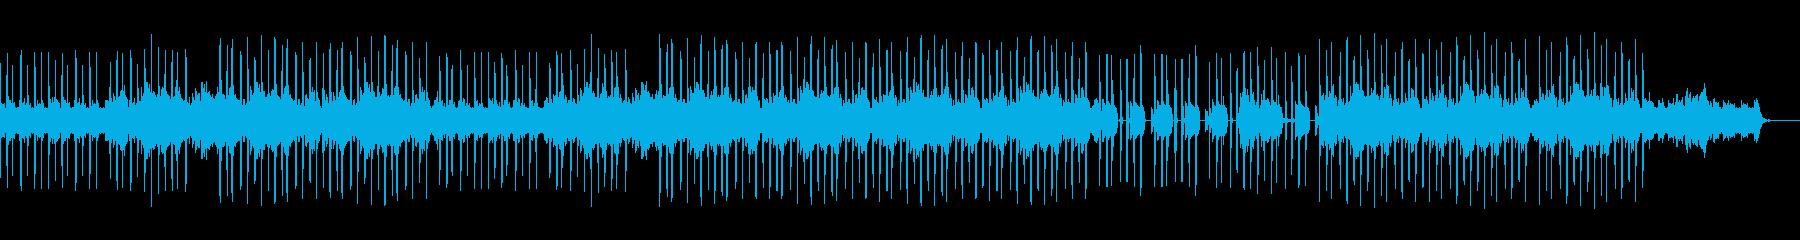 サンプリングループのヒップホップサウンドの再生済みの波形